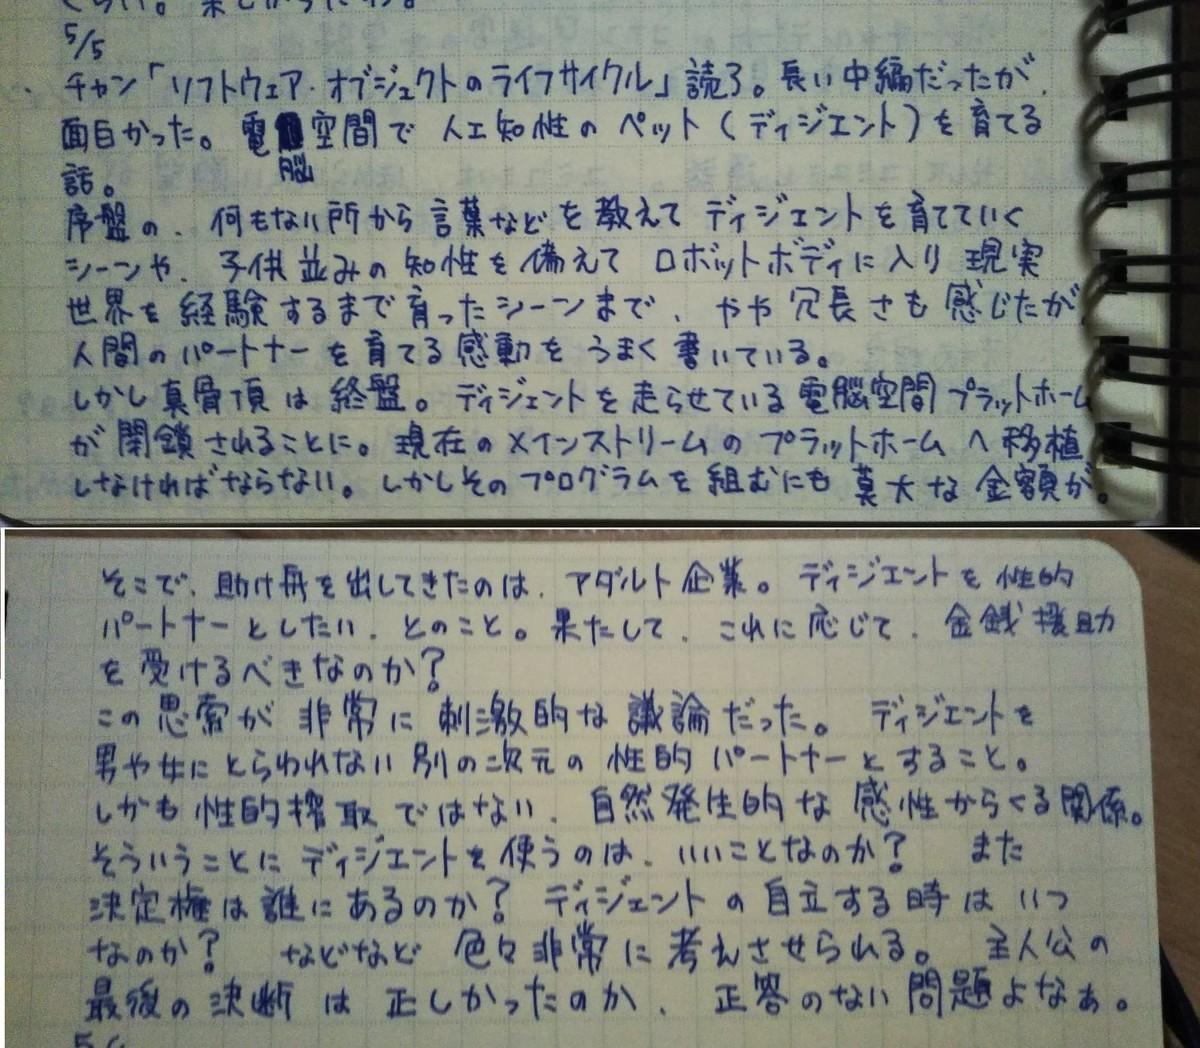 f:id:akito0526:20200605155615j:plain